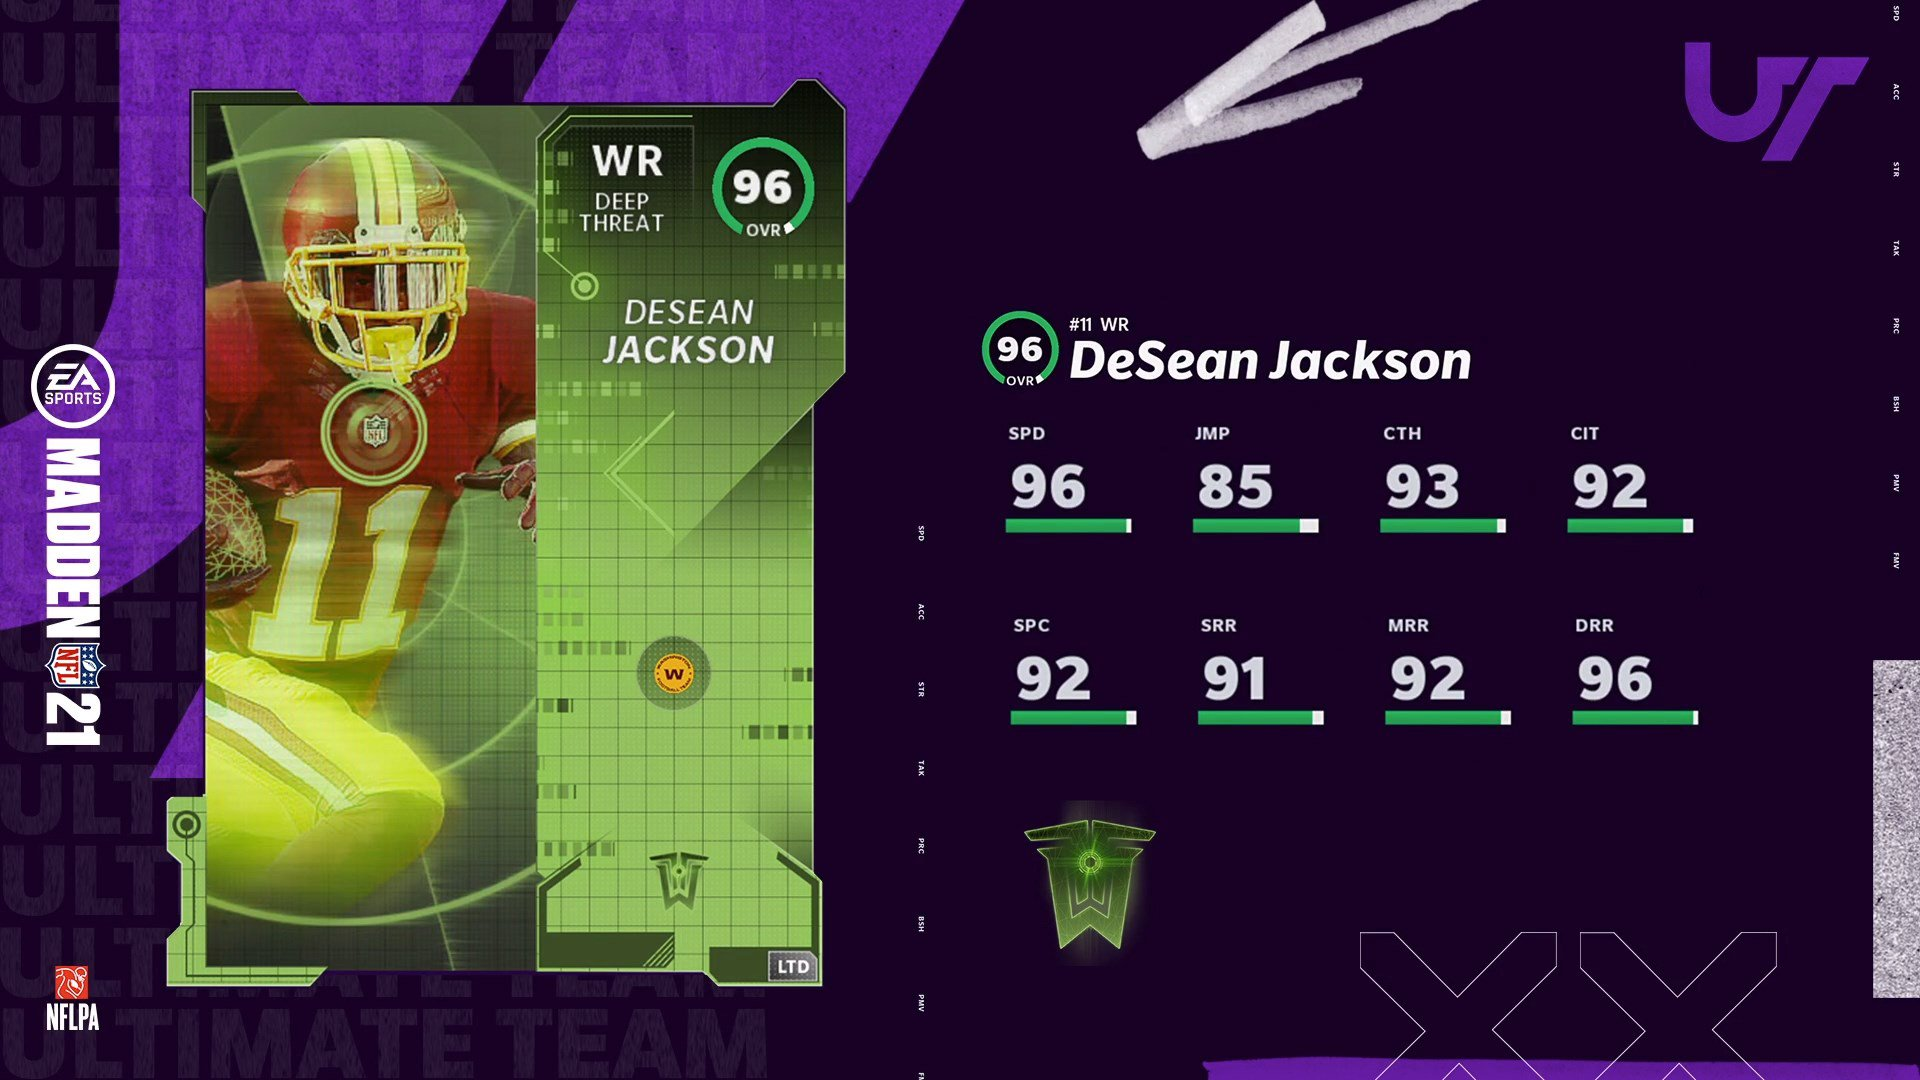 DJackson15.jpg